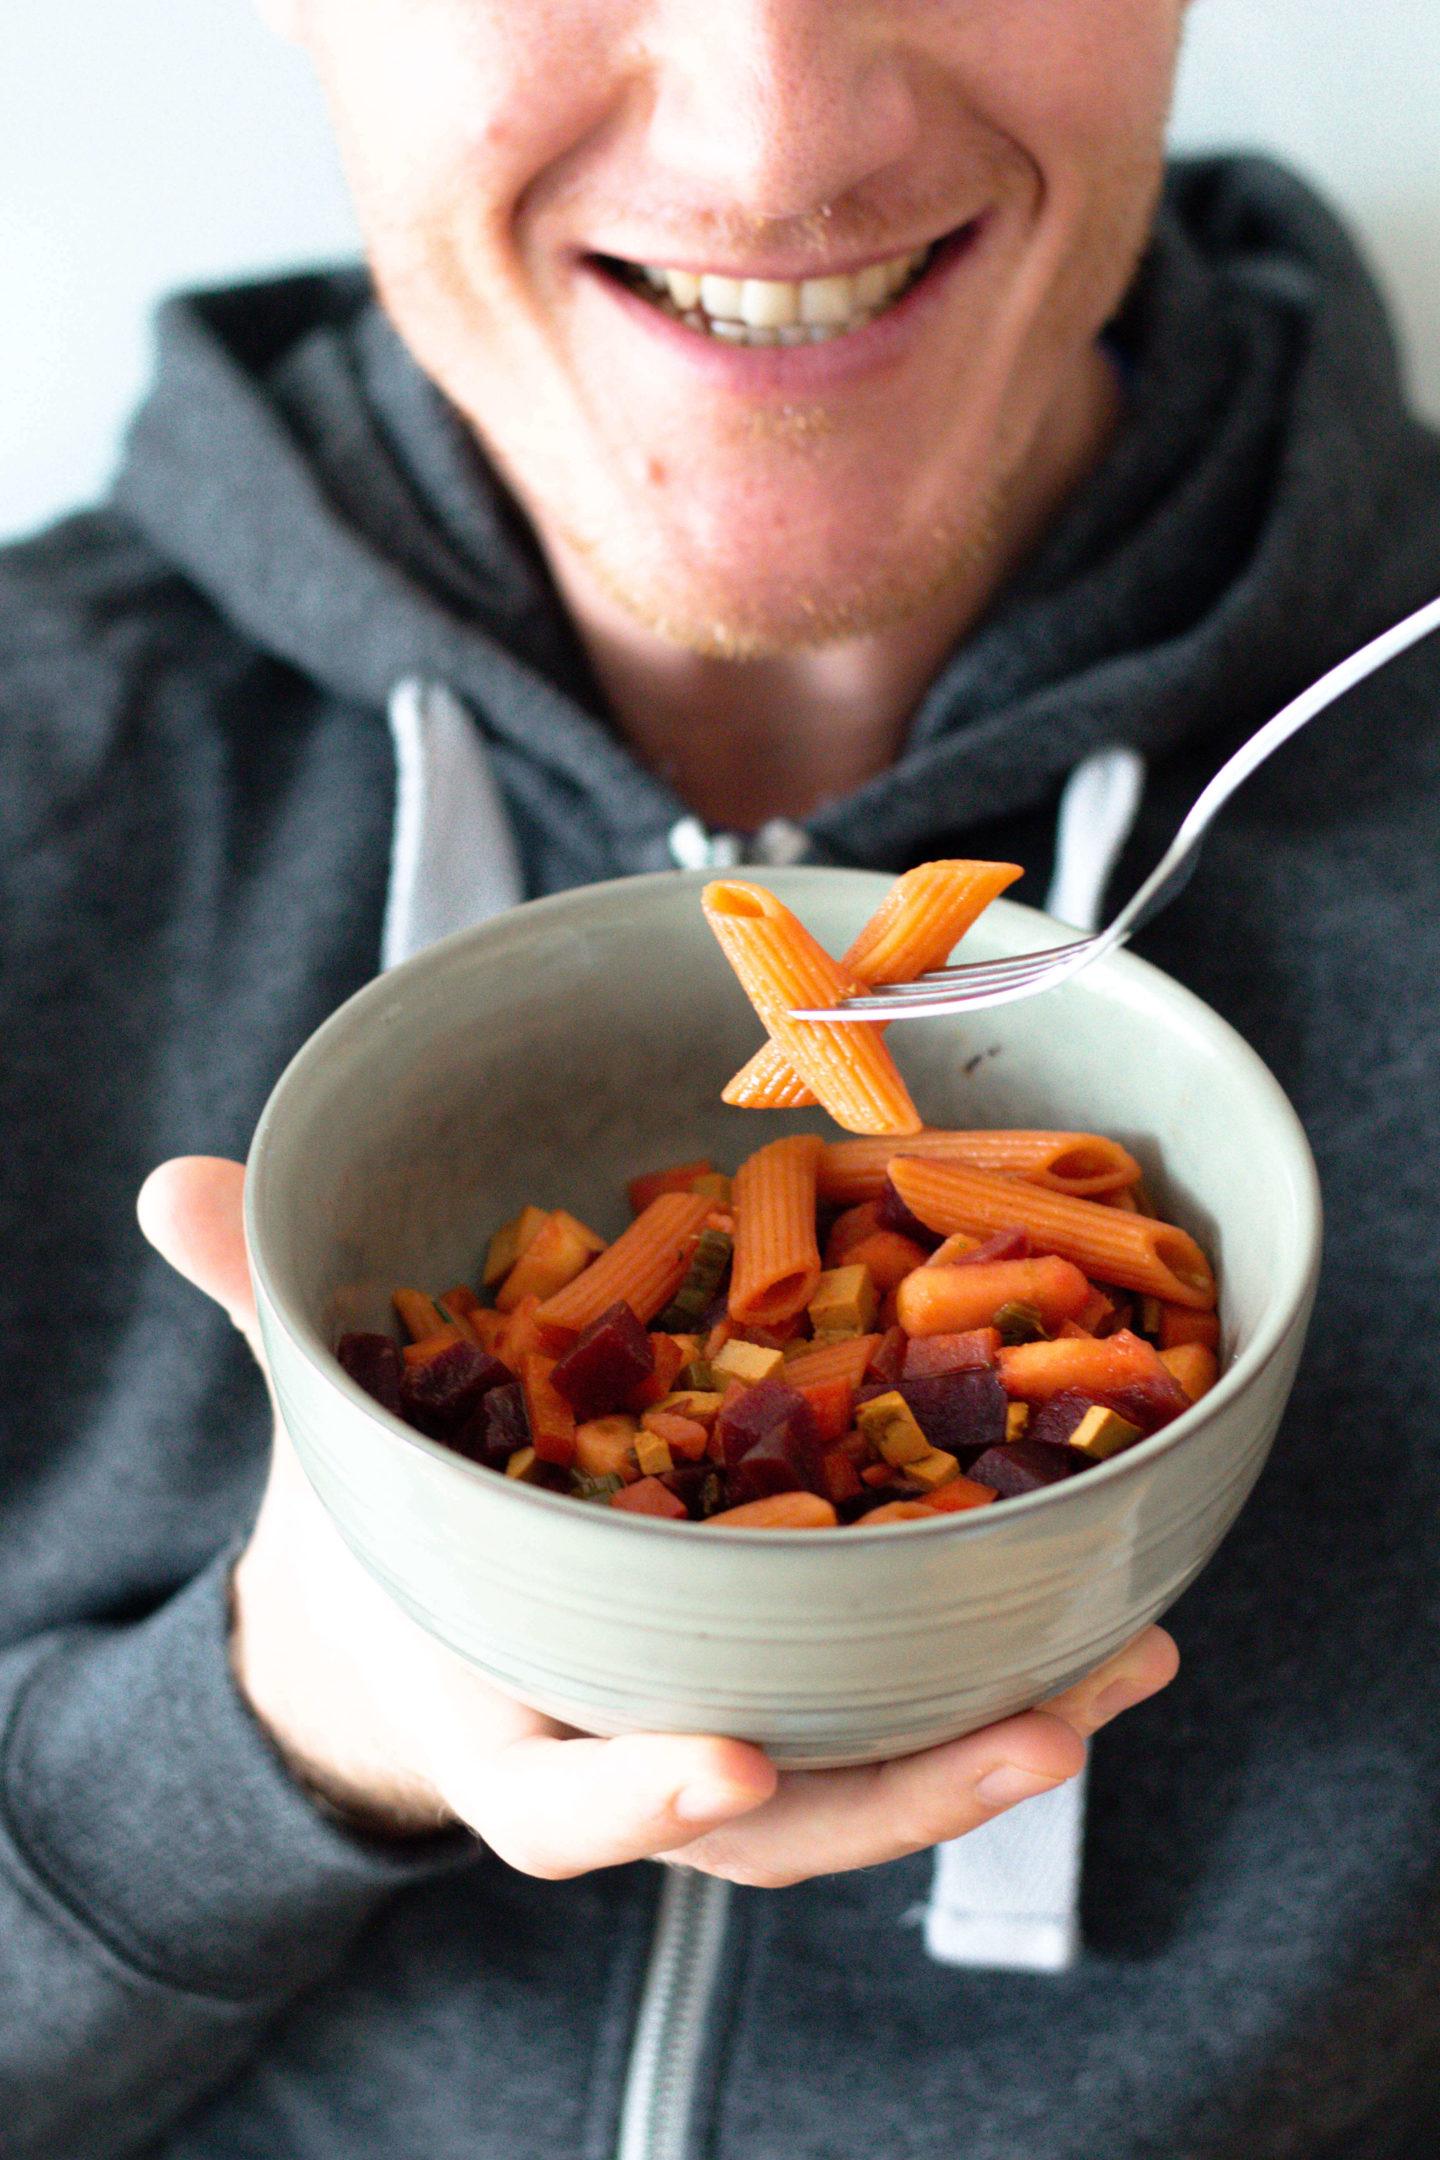 Rote Rüben Pasta-Glutenfrei-Vegan- Herbst Bowl- Hygge- Herbst-Dein HomeSpa- Food & Wohlfühlblog aus dem Mostviertel